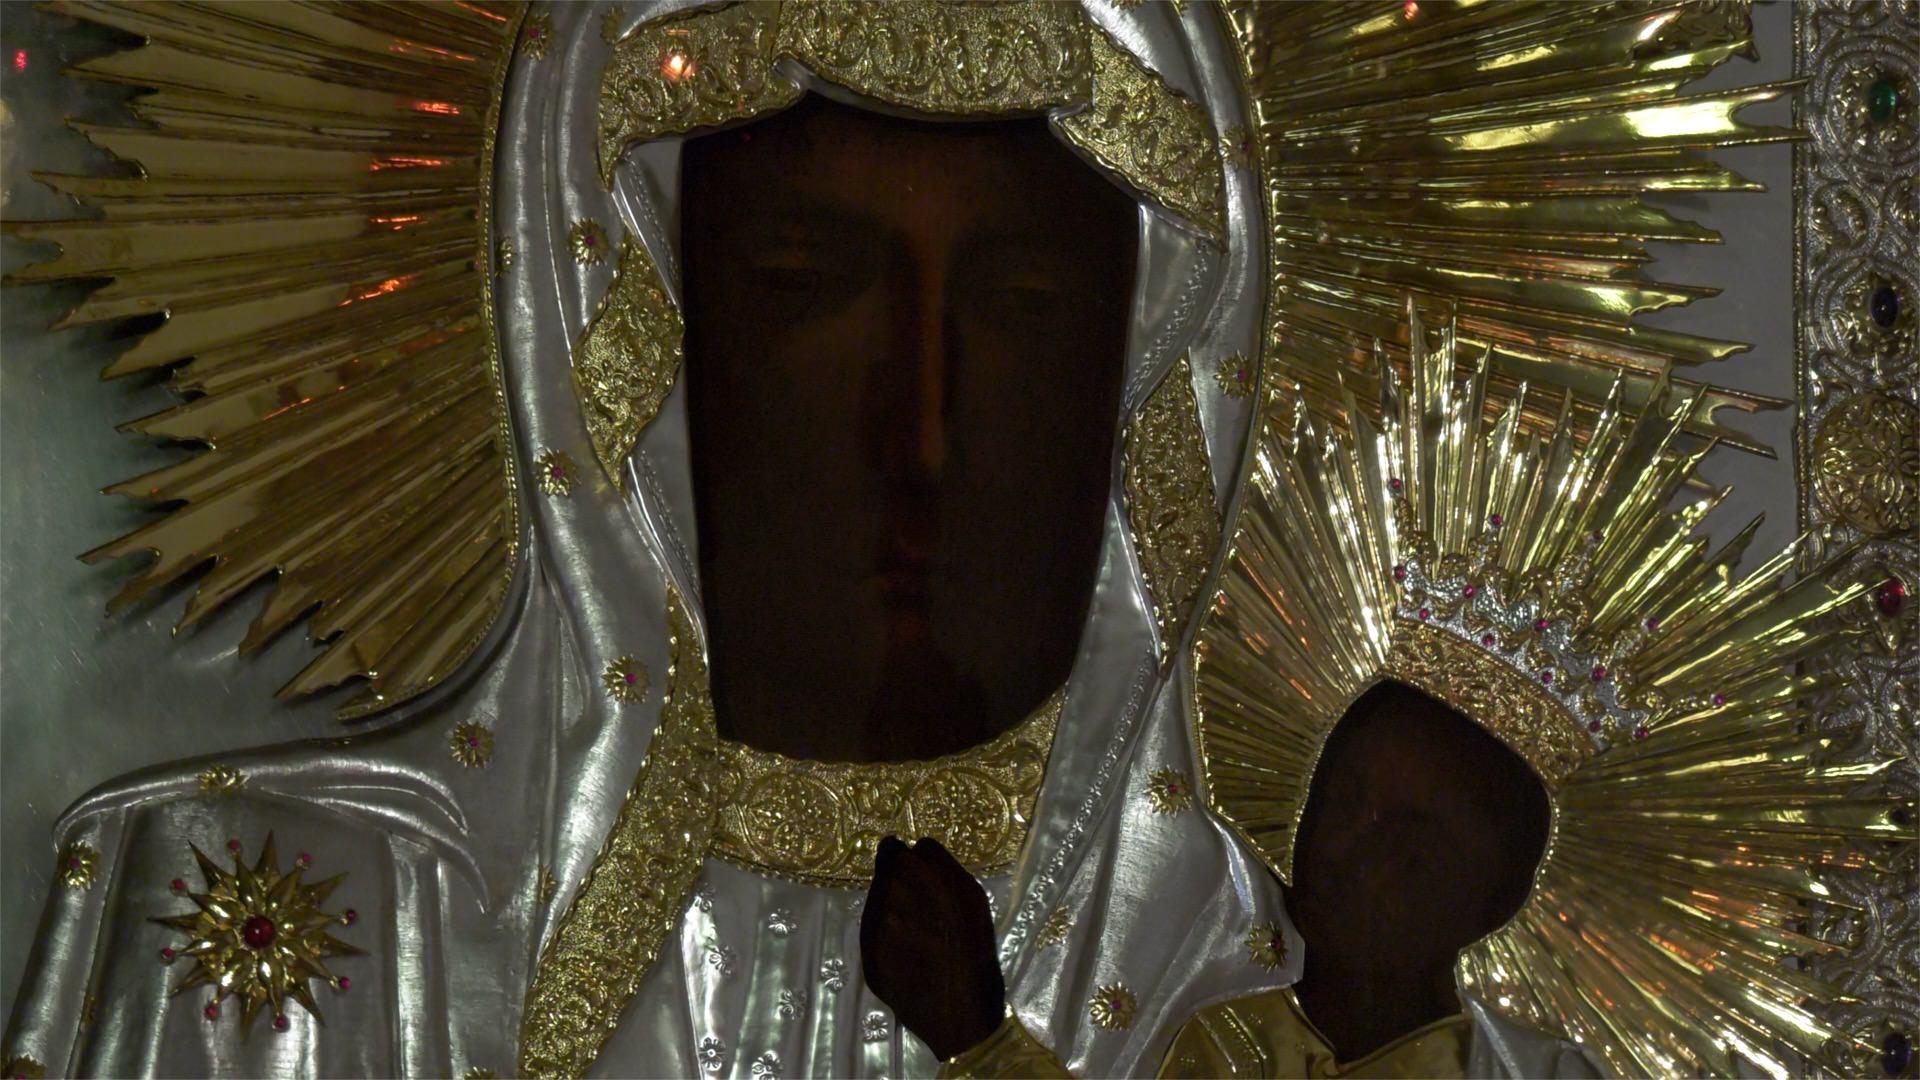 Szlakiem wschodniosłowiańskiej tradycji prawosławnej na Lubelszczyźnie